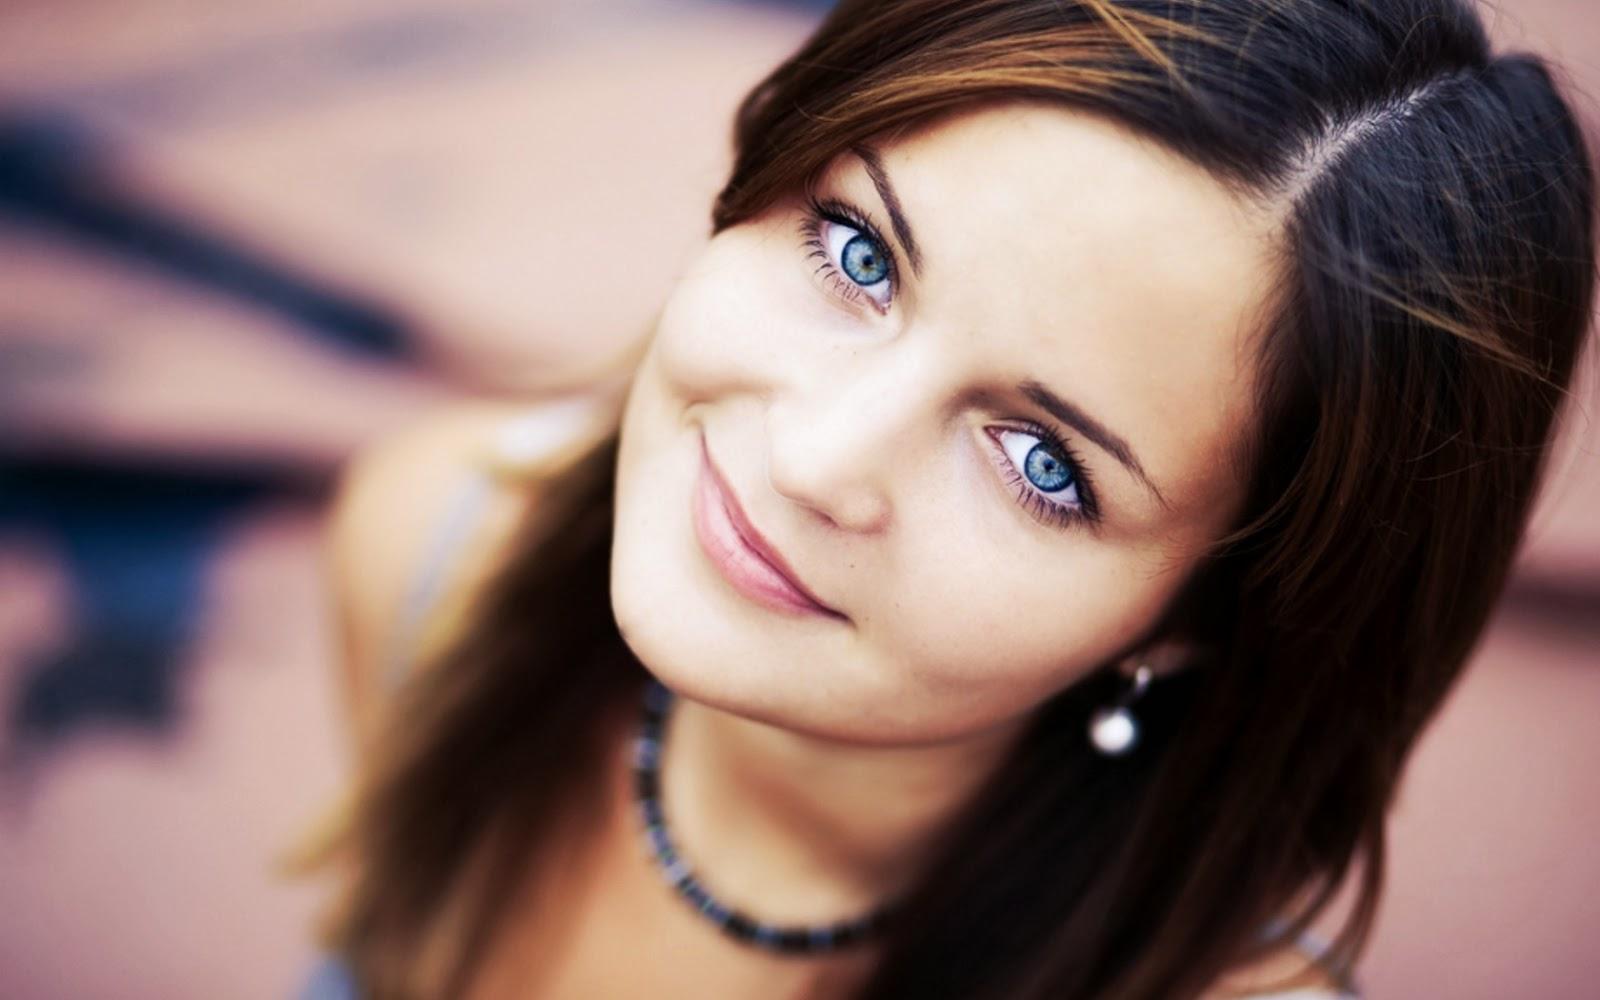 بالصور صور حلوات , صور بنات جميله ورائعه 5701 6